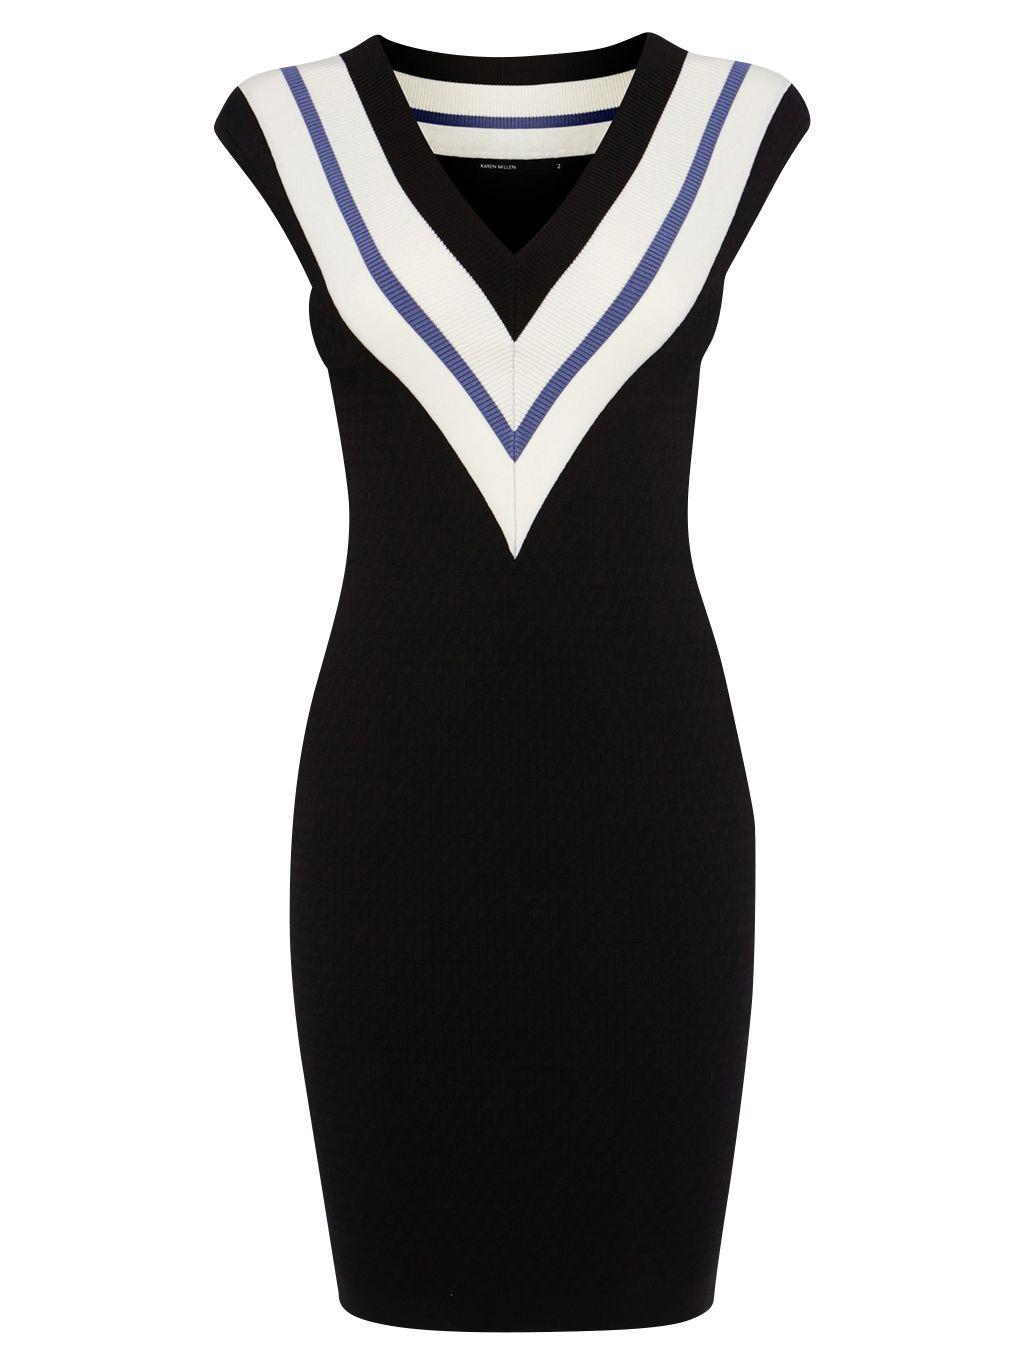 karen millen sporty knit dress dark blue, karen, millen, sporty, knit, dress, dark, blue, karen millen, 16|6-8|12-14|10, women, womens dresses, 1896125